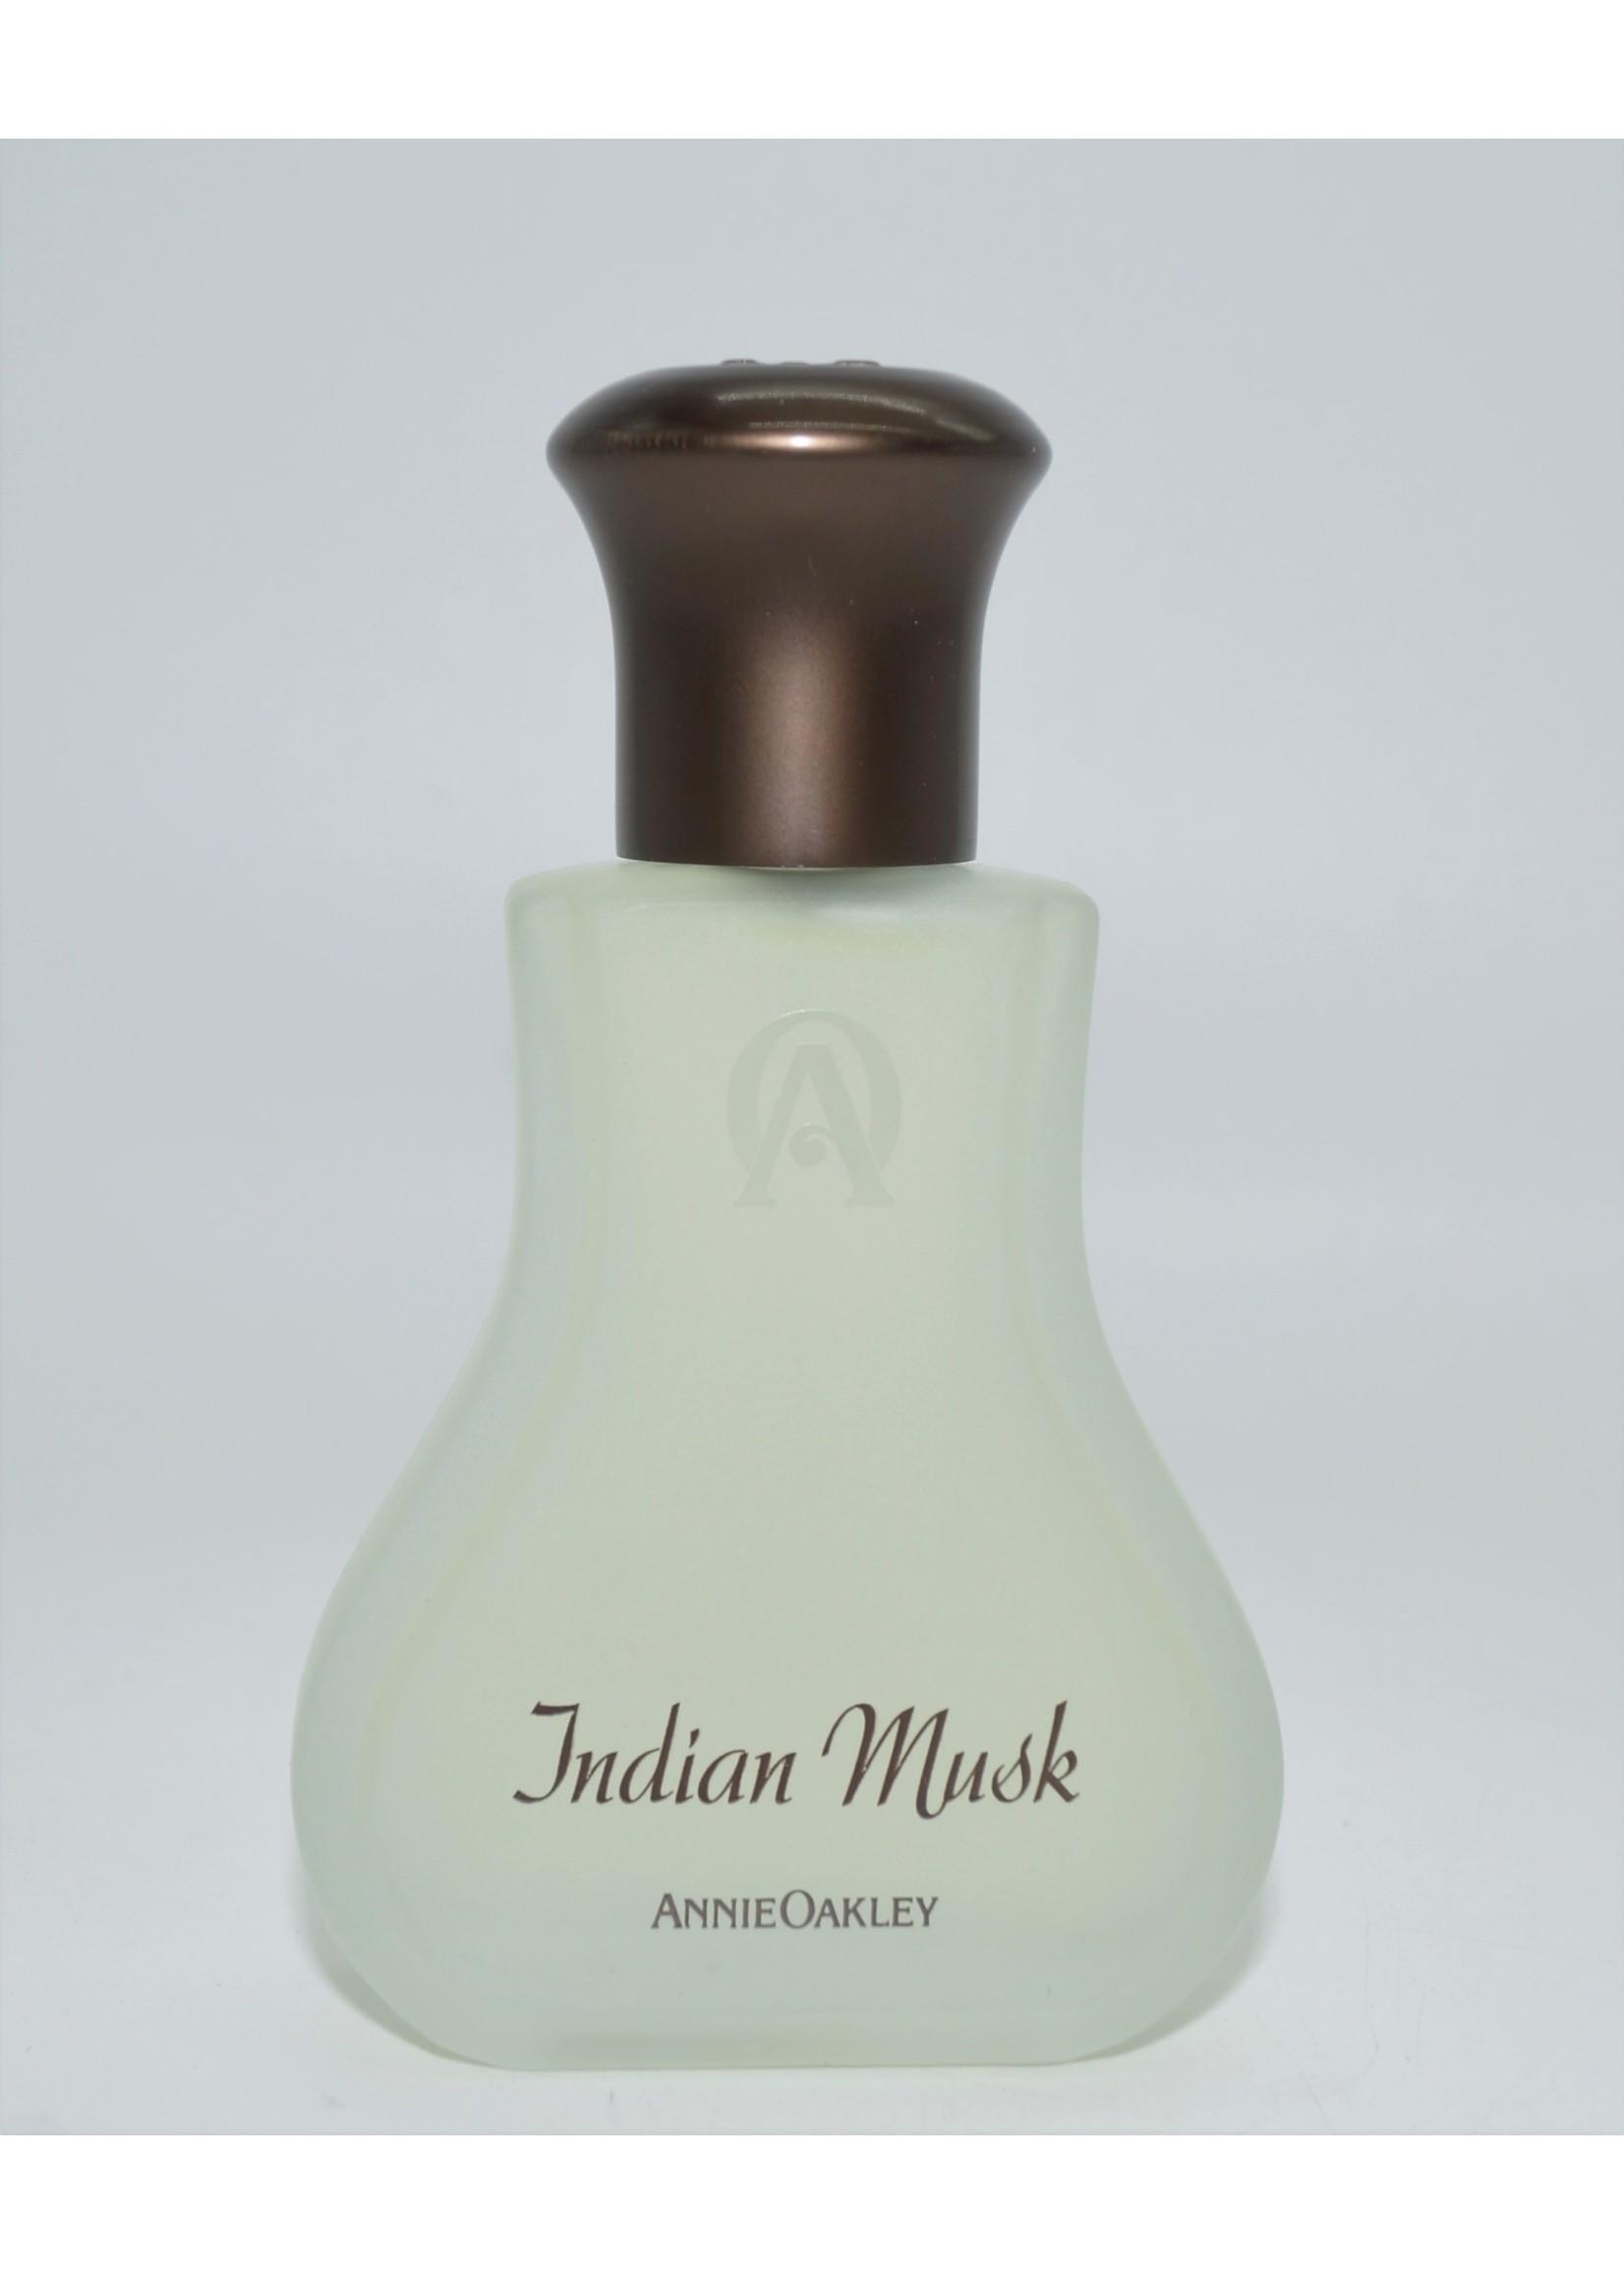 Annie Oakley Indian Musk ® Eau de Toilette Natural Spray